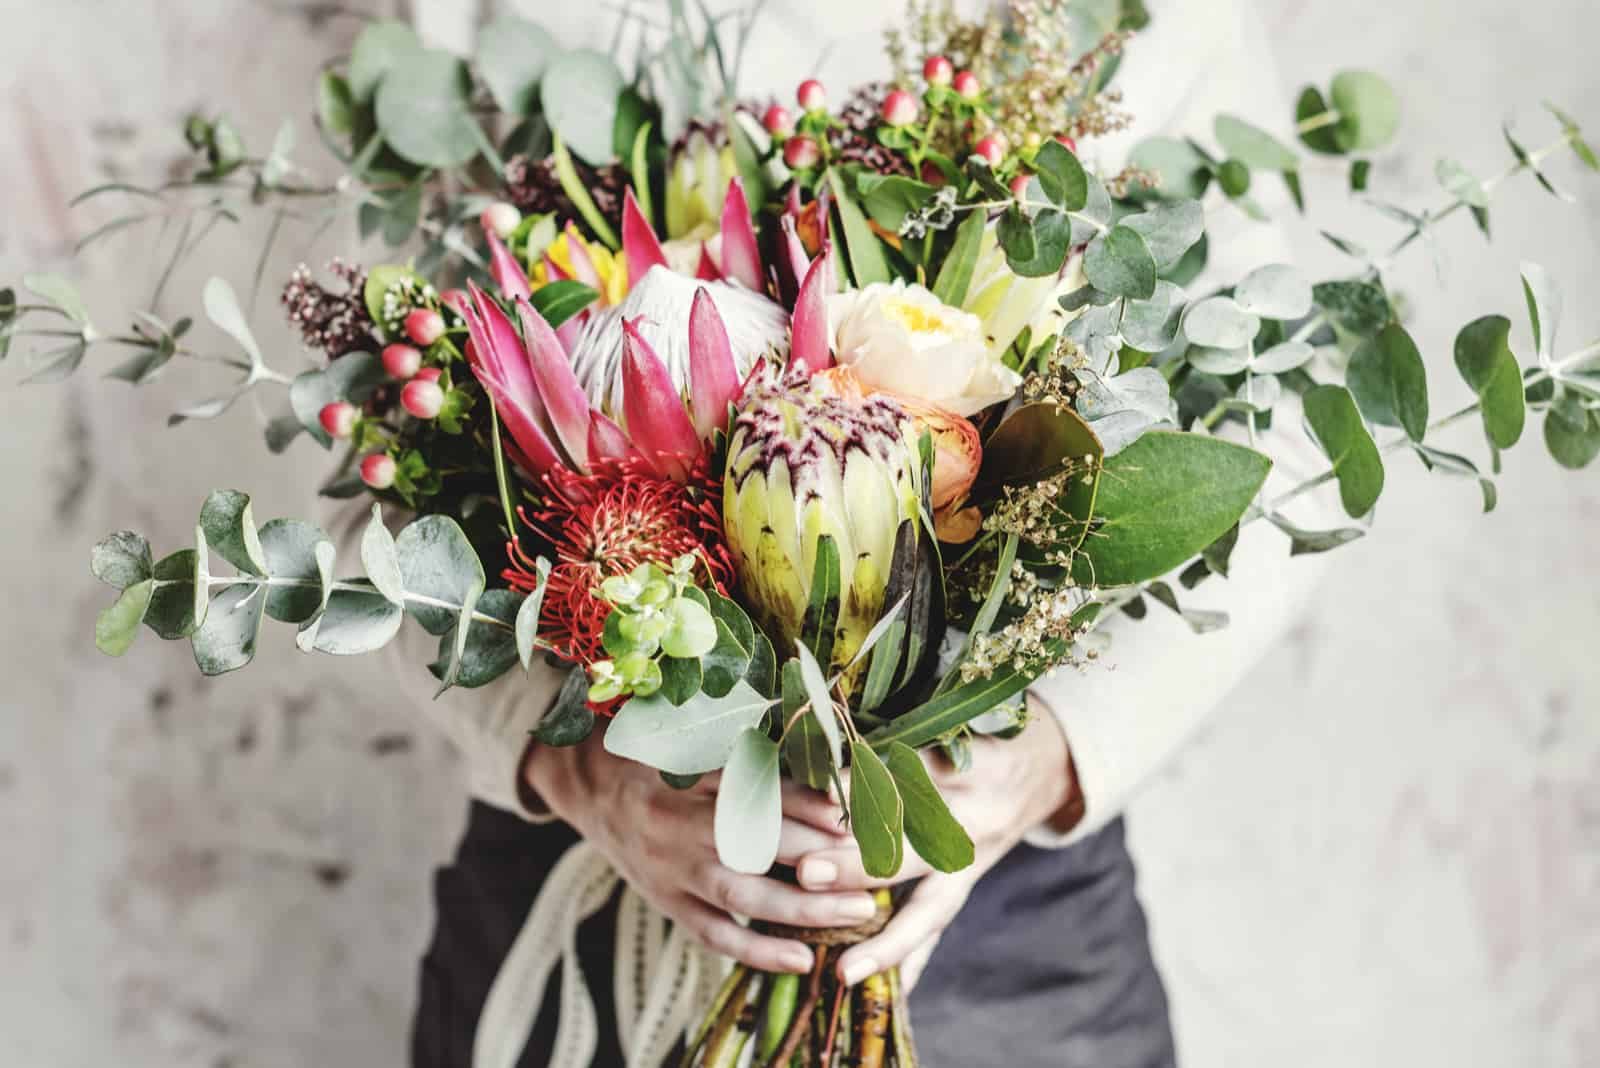 Frauenhände, die schönen Blumenstrauß halten